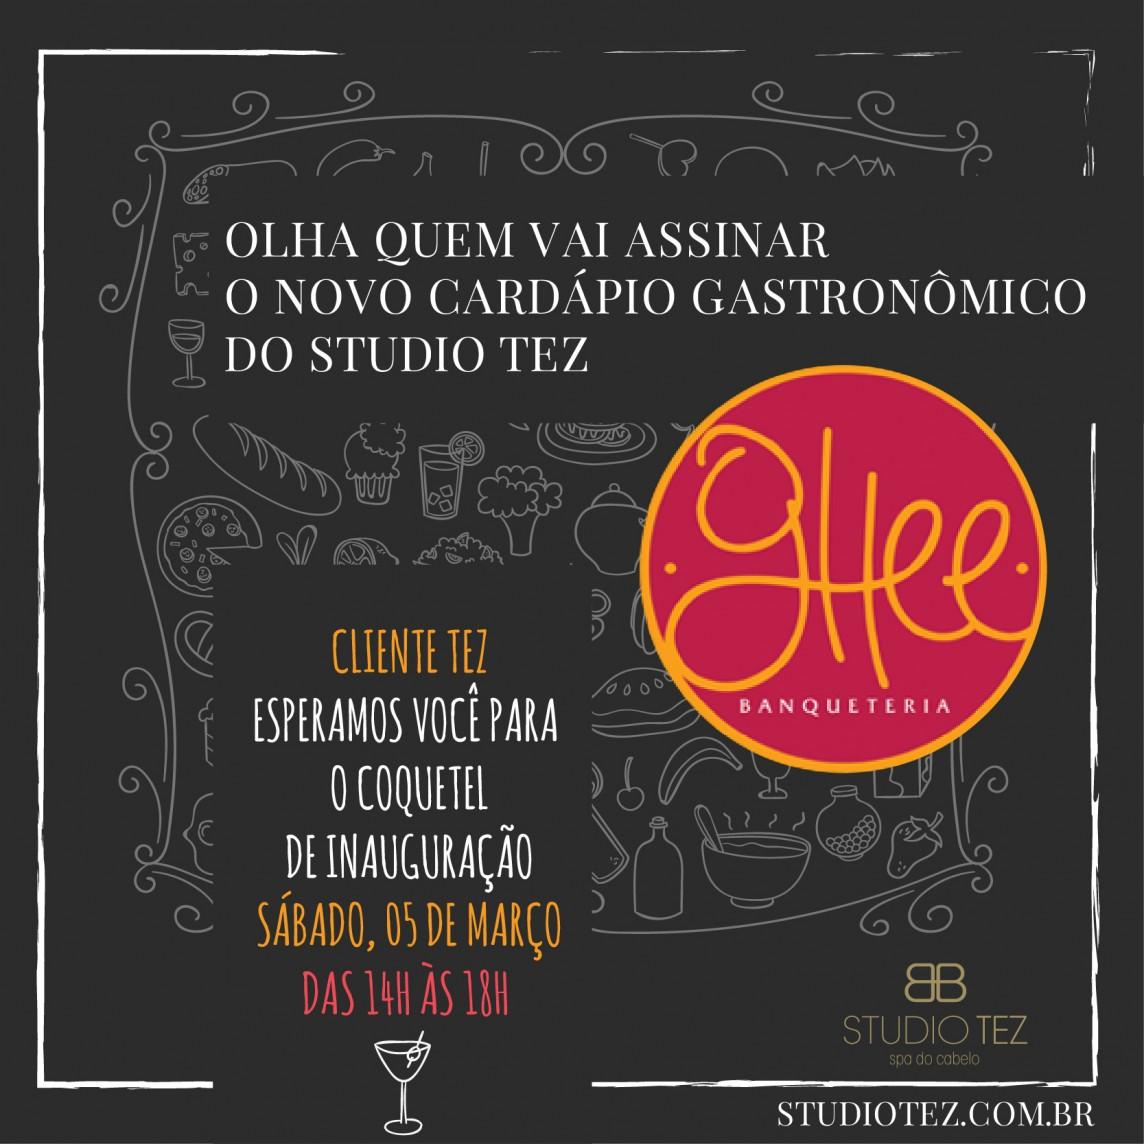 GHEEBanqueteria_StudioTez_convite